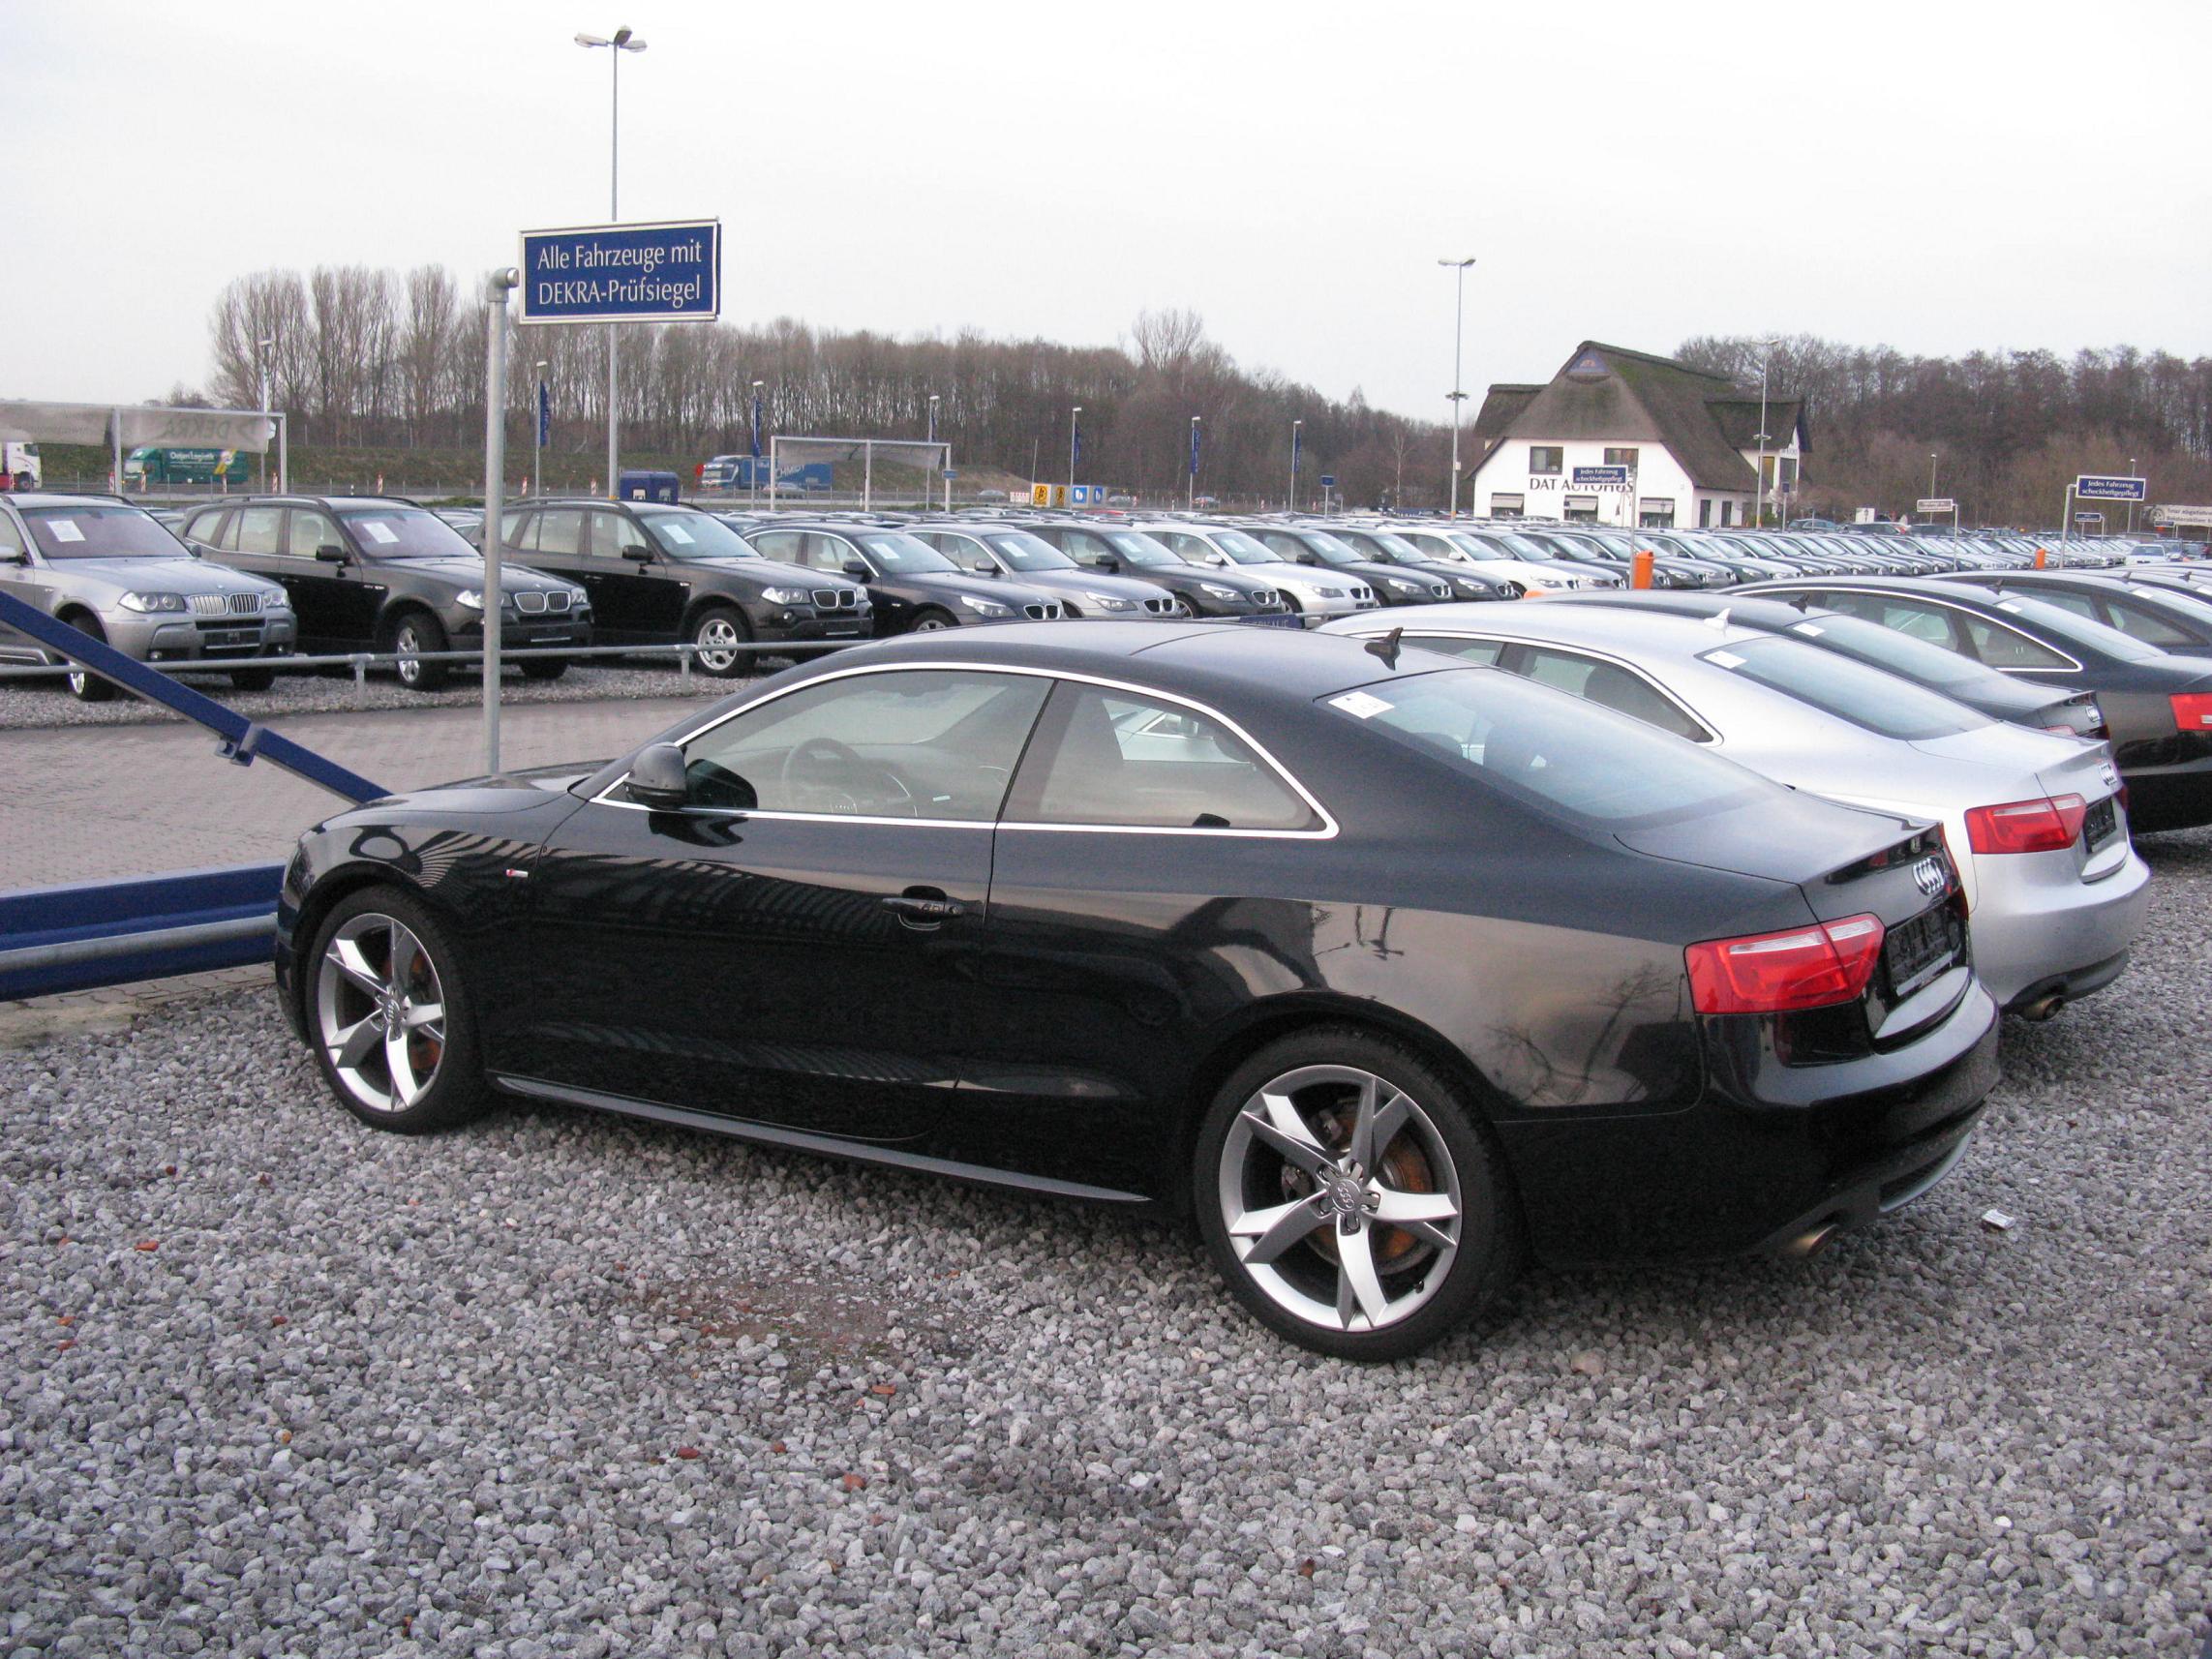 Kelebihan Kekurangan Audi A5 3.0 Perbandingan Harga